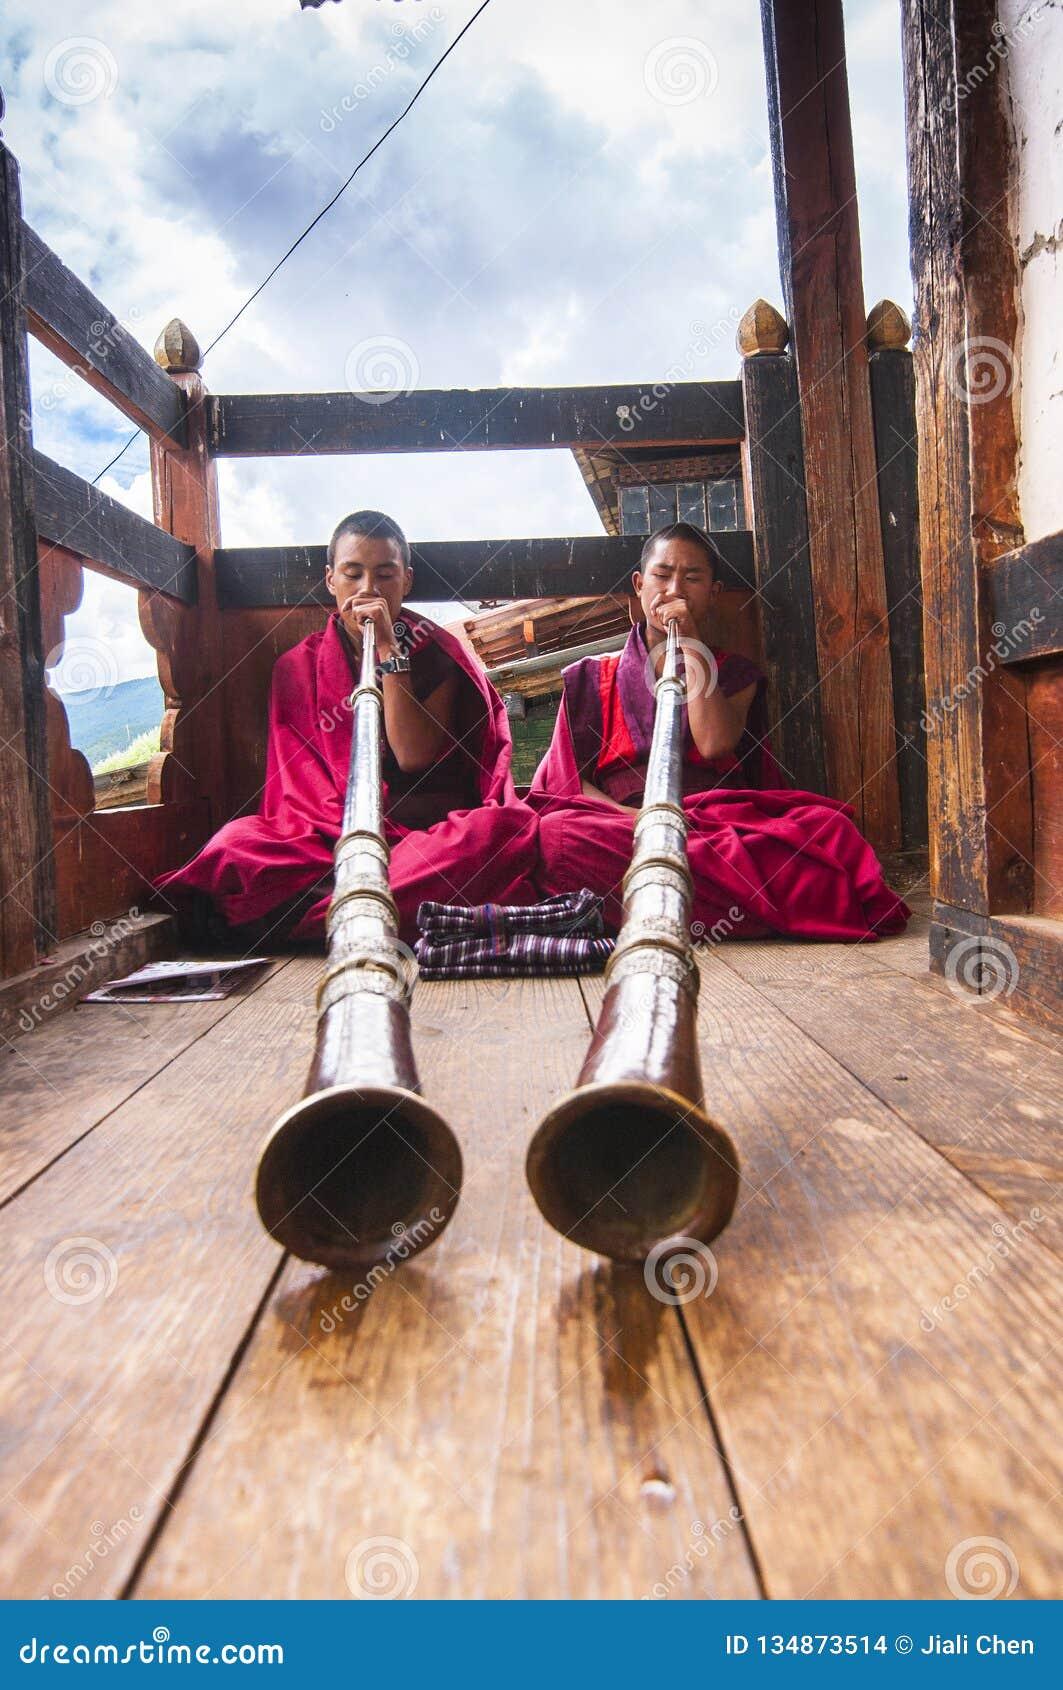 Buddhist Monks playing Tibetan Horns , Bumthang valley , Bhutan